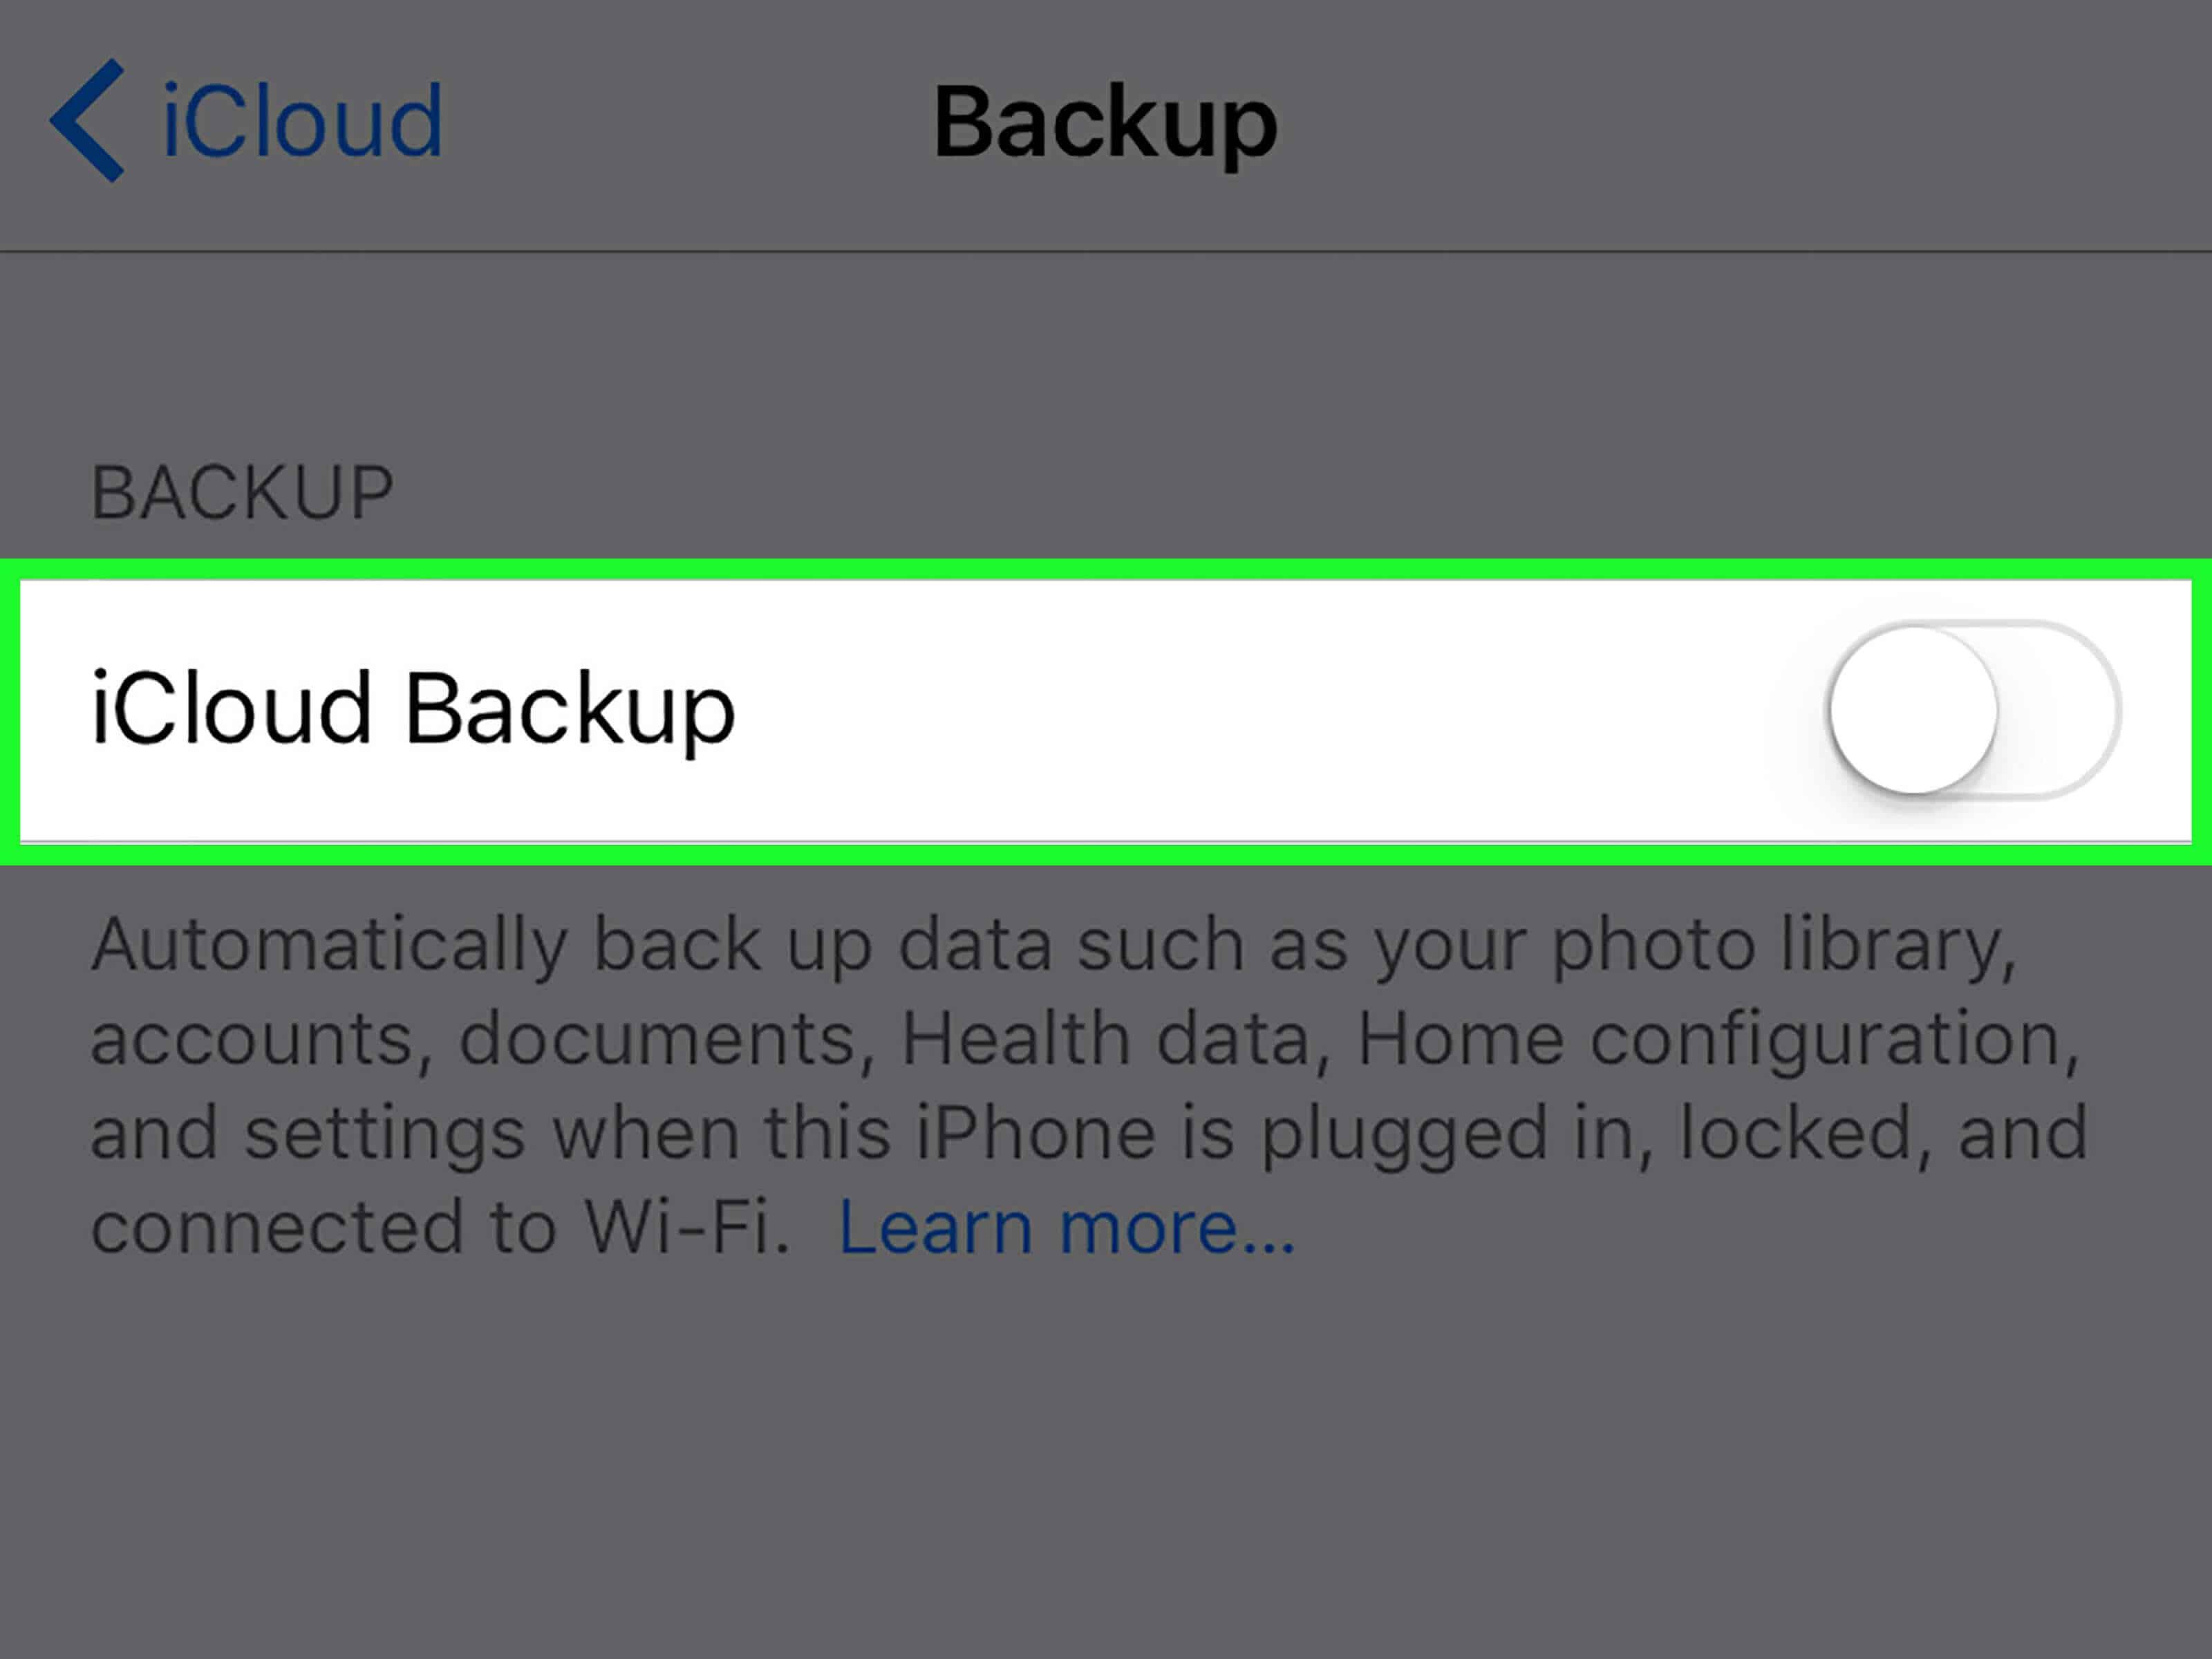 Enable automatic iCloud backups on iPhone or iPad